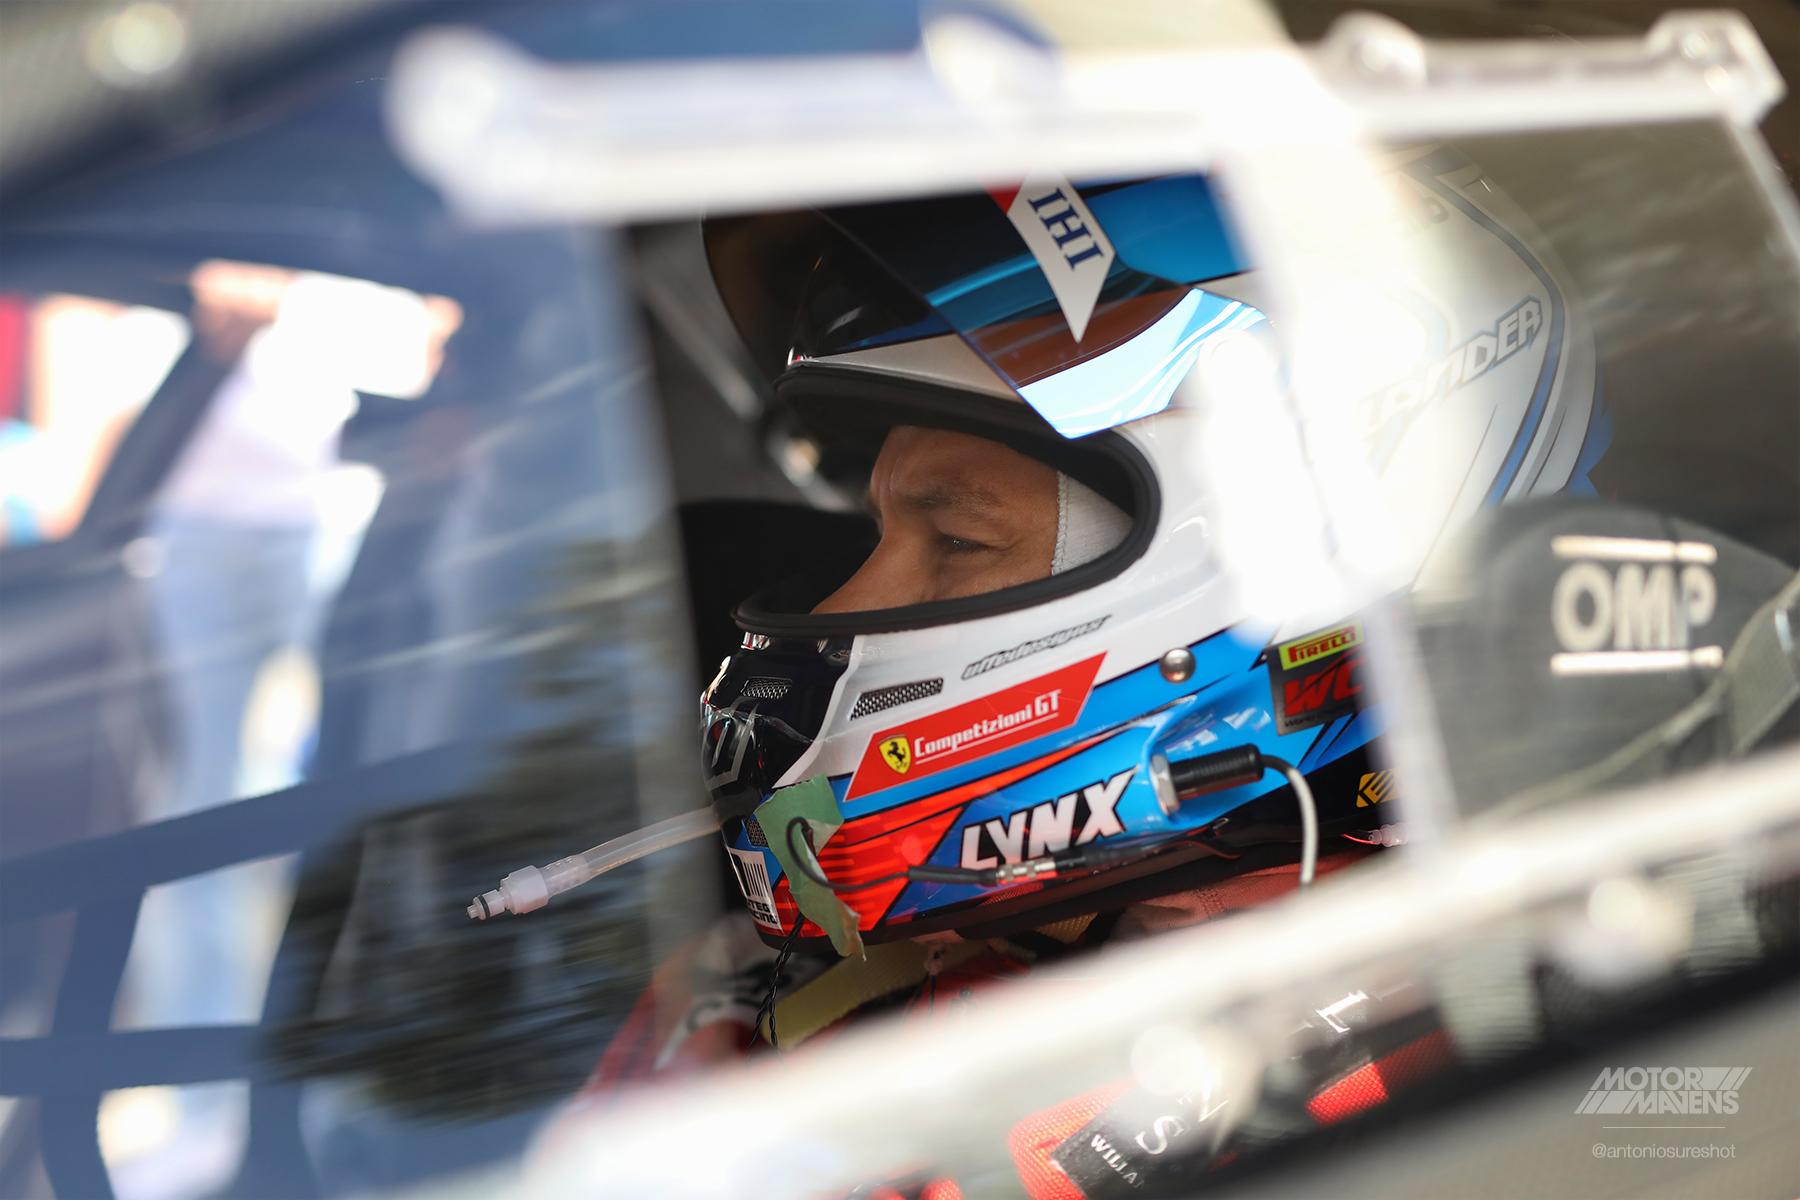 Toni Vilander, Le Mans, R. Ferri Motorsport, Remo Ferri, Ferrari 488, Ferrari 488 GT3, Pirelli, Pirelli World Challenge, Long Beach Grand Prix, Pirelli PZero